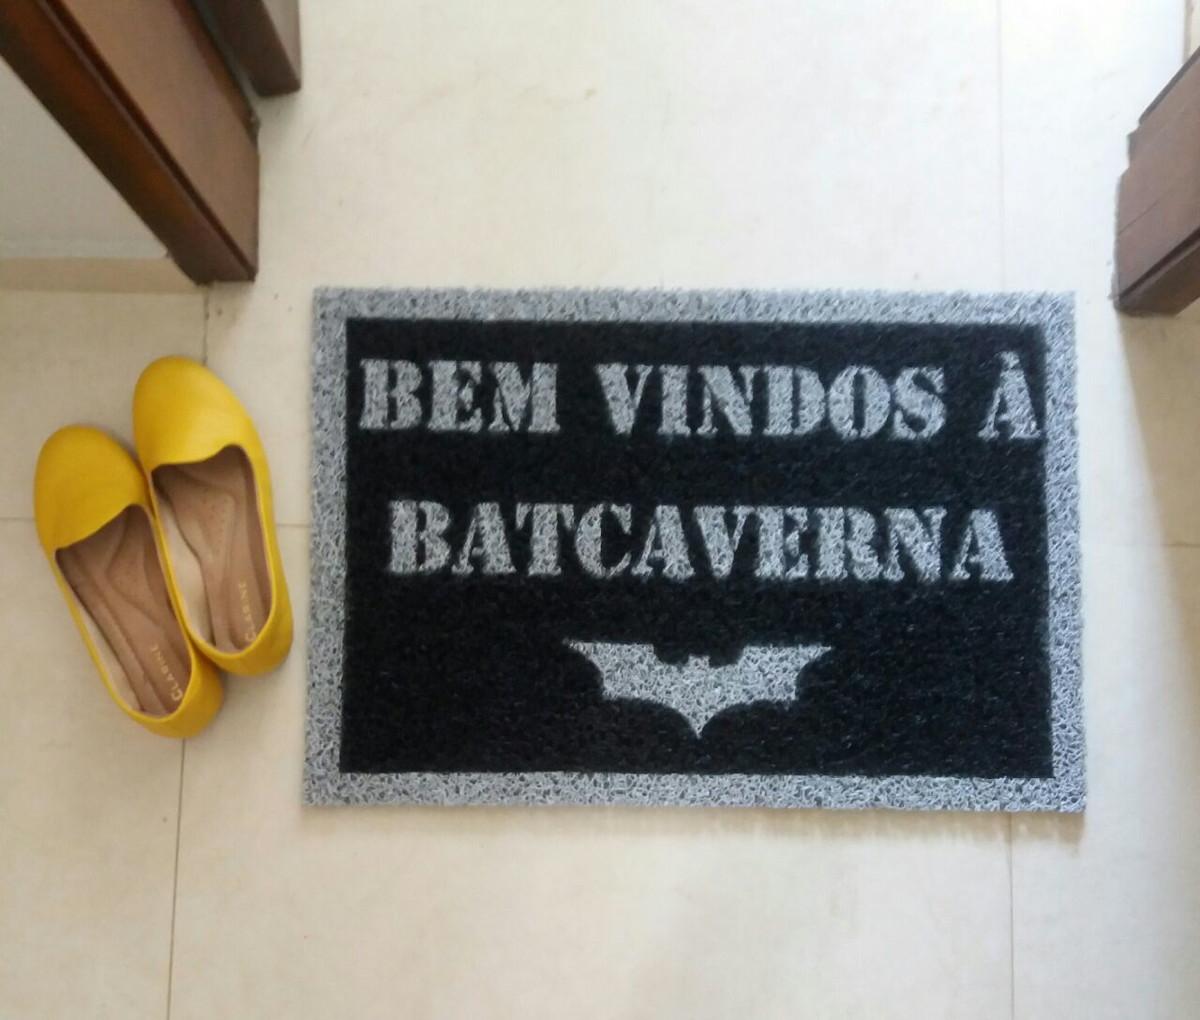 f3a751b3d5 Bem-vindos a Batcaverna + símbolo (preto) no Elo7